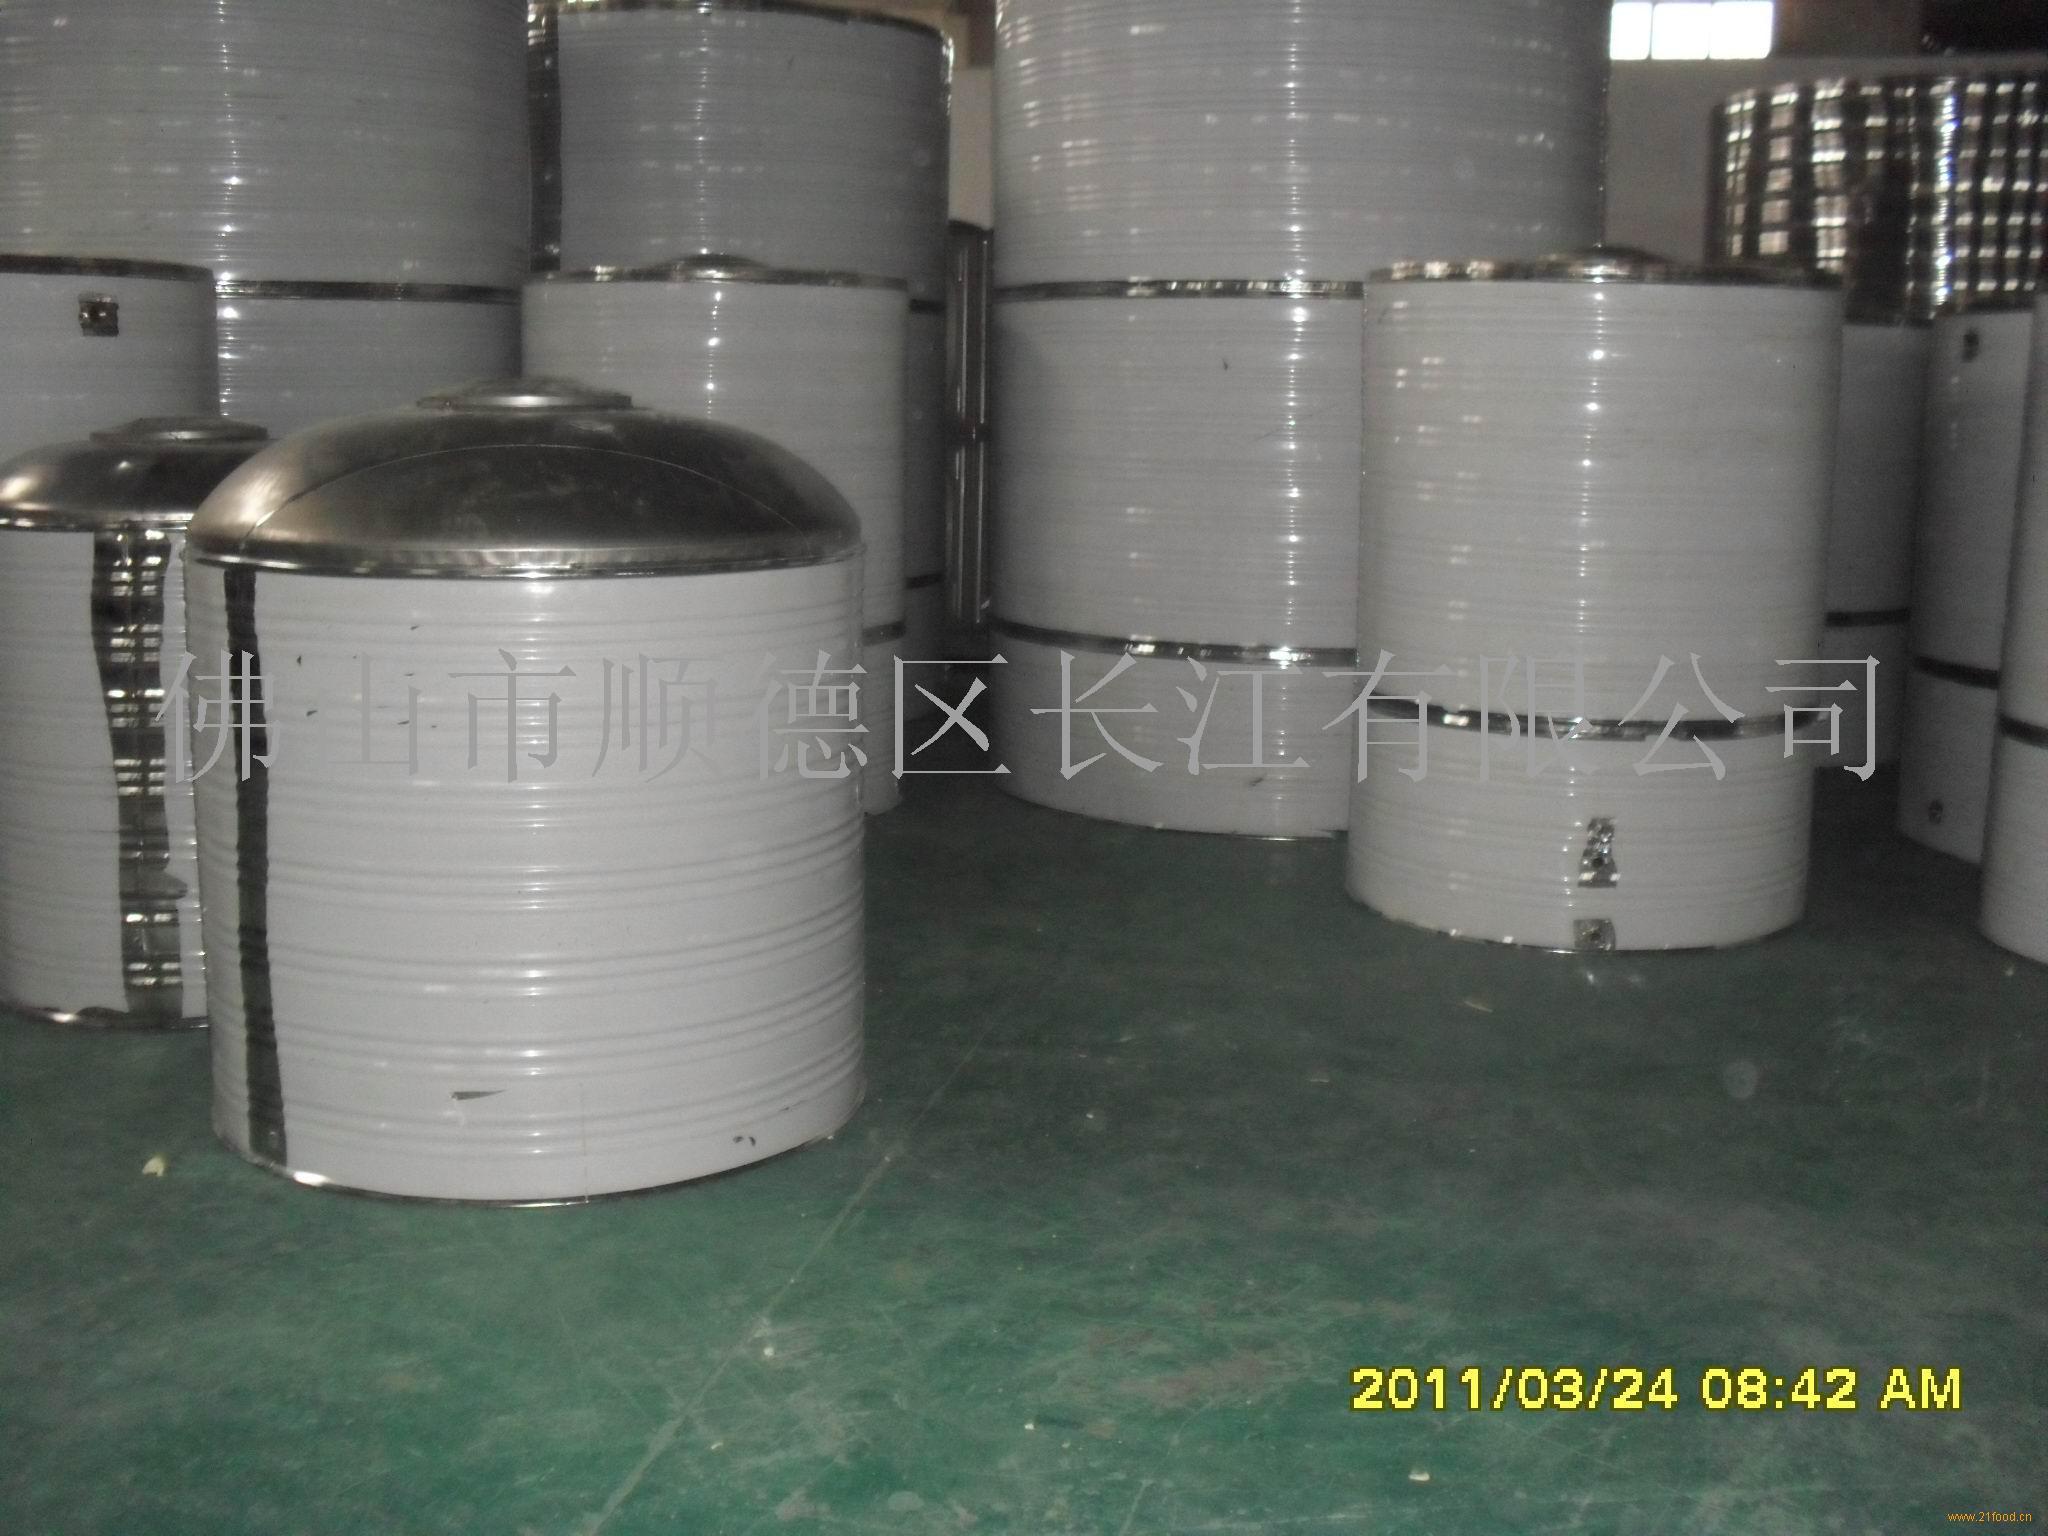 郑州不锈钢水箱,郑州不锈钢保温水箱,郑州不锈钢相关图片高清图片